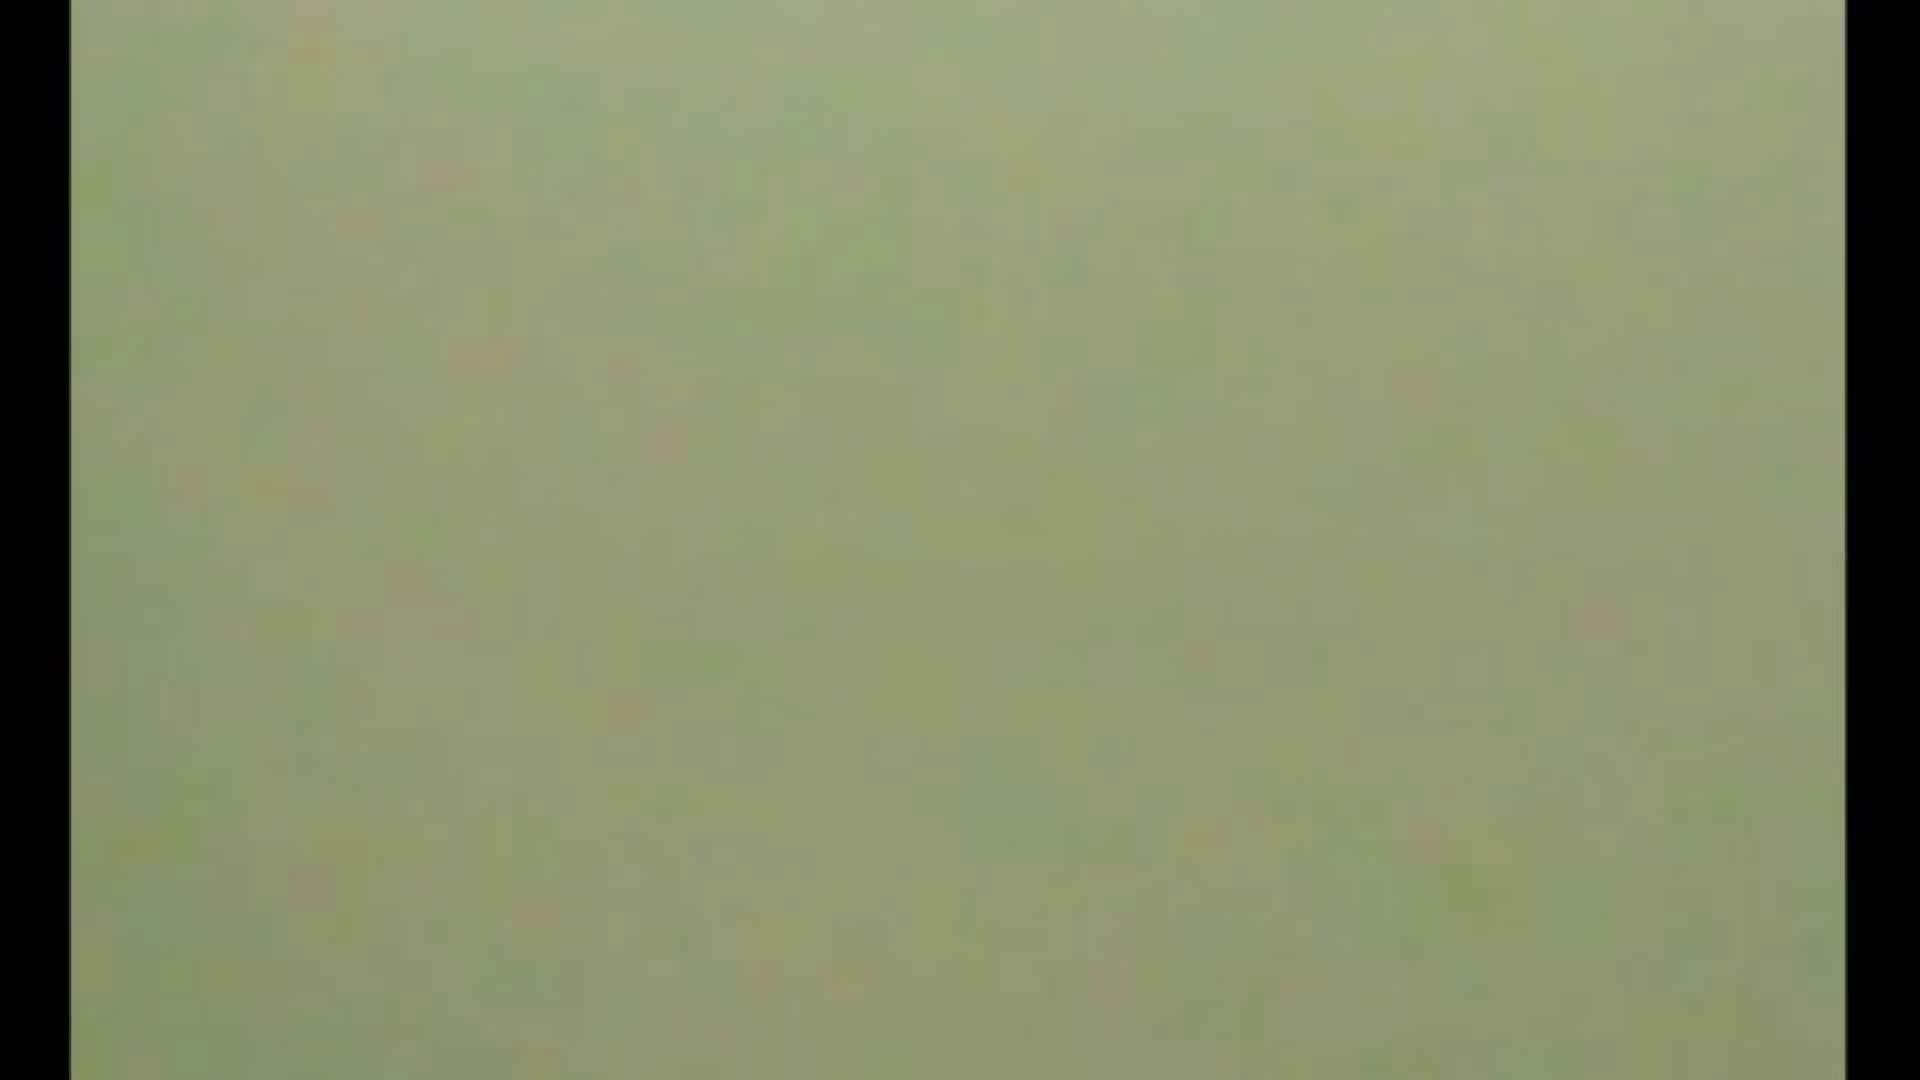 イケメンの素顔in洗面所 Vol.17 おしっこ | イケメンのsex  58pic 29